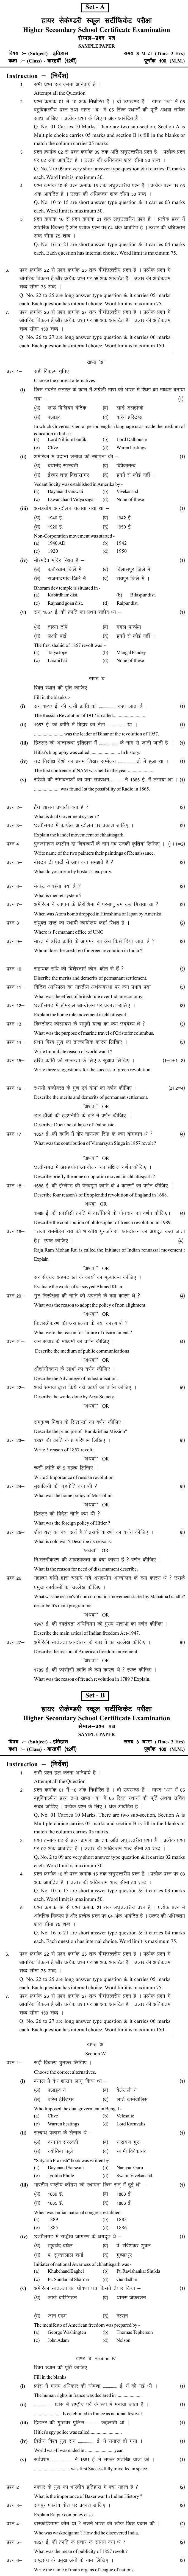 Chattisgarh Board Class 12 HistorySample Paper